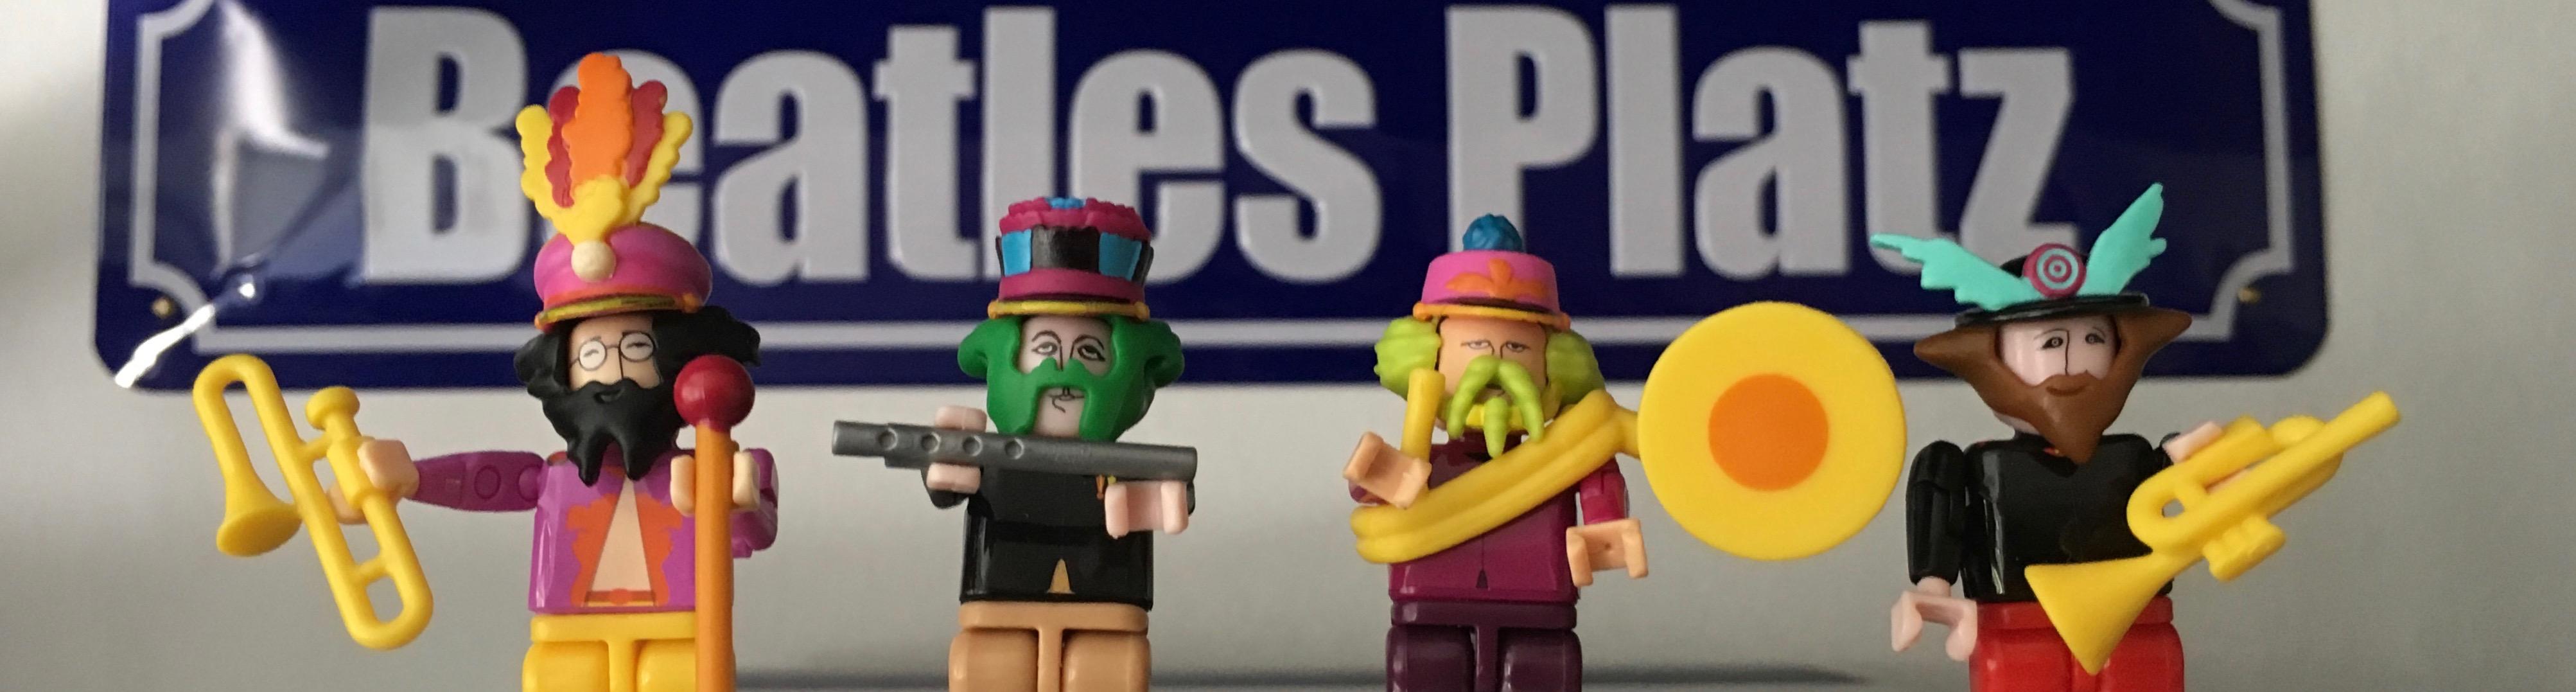 Beatles Figuren vor Straßenschild